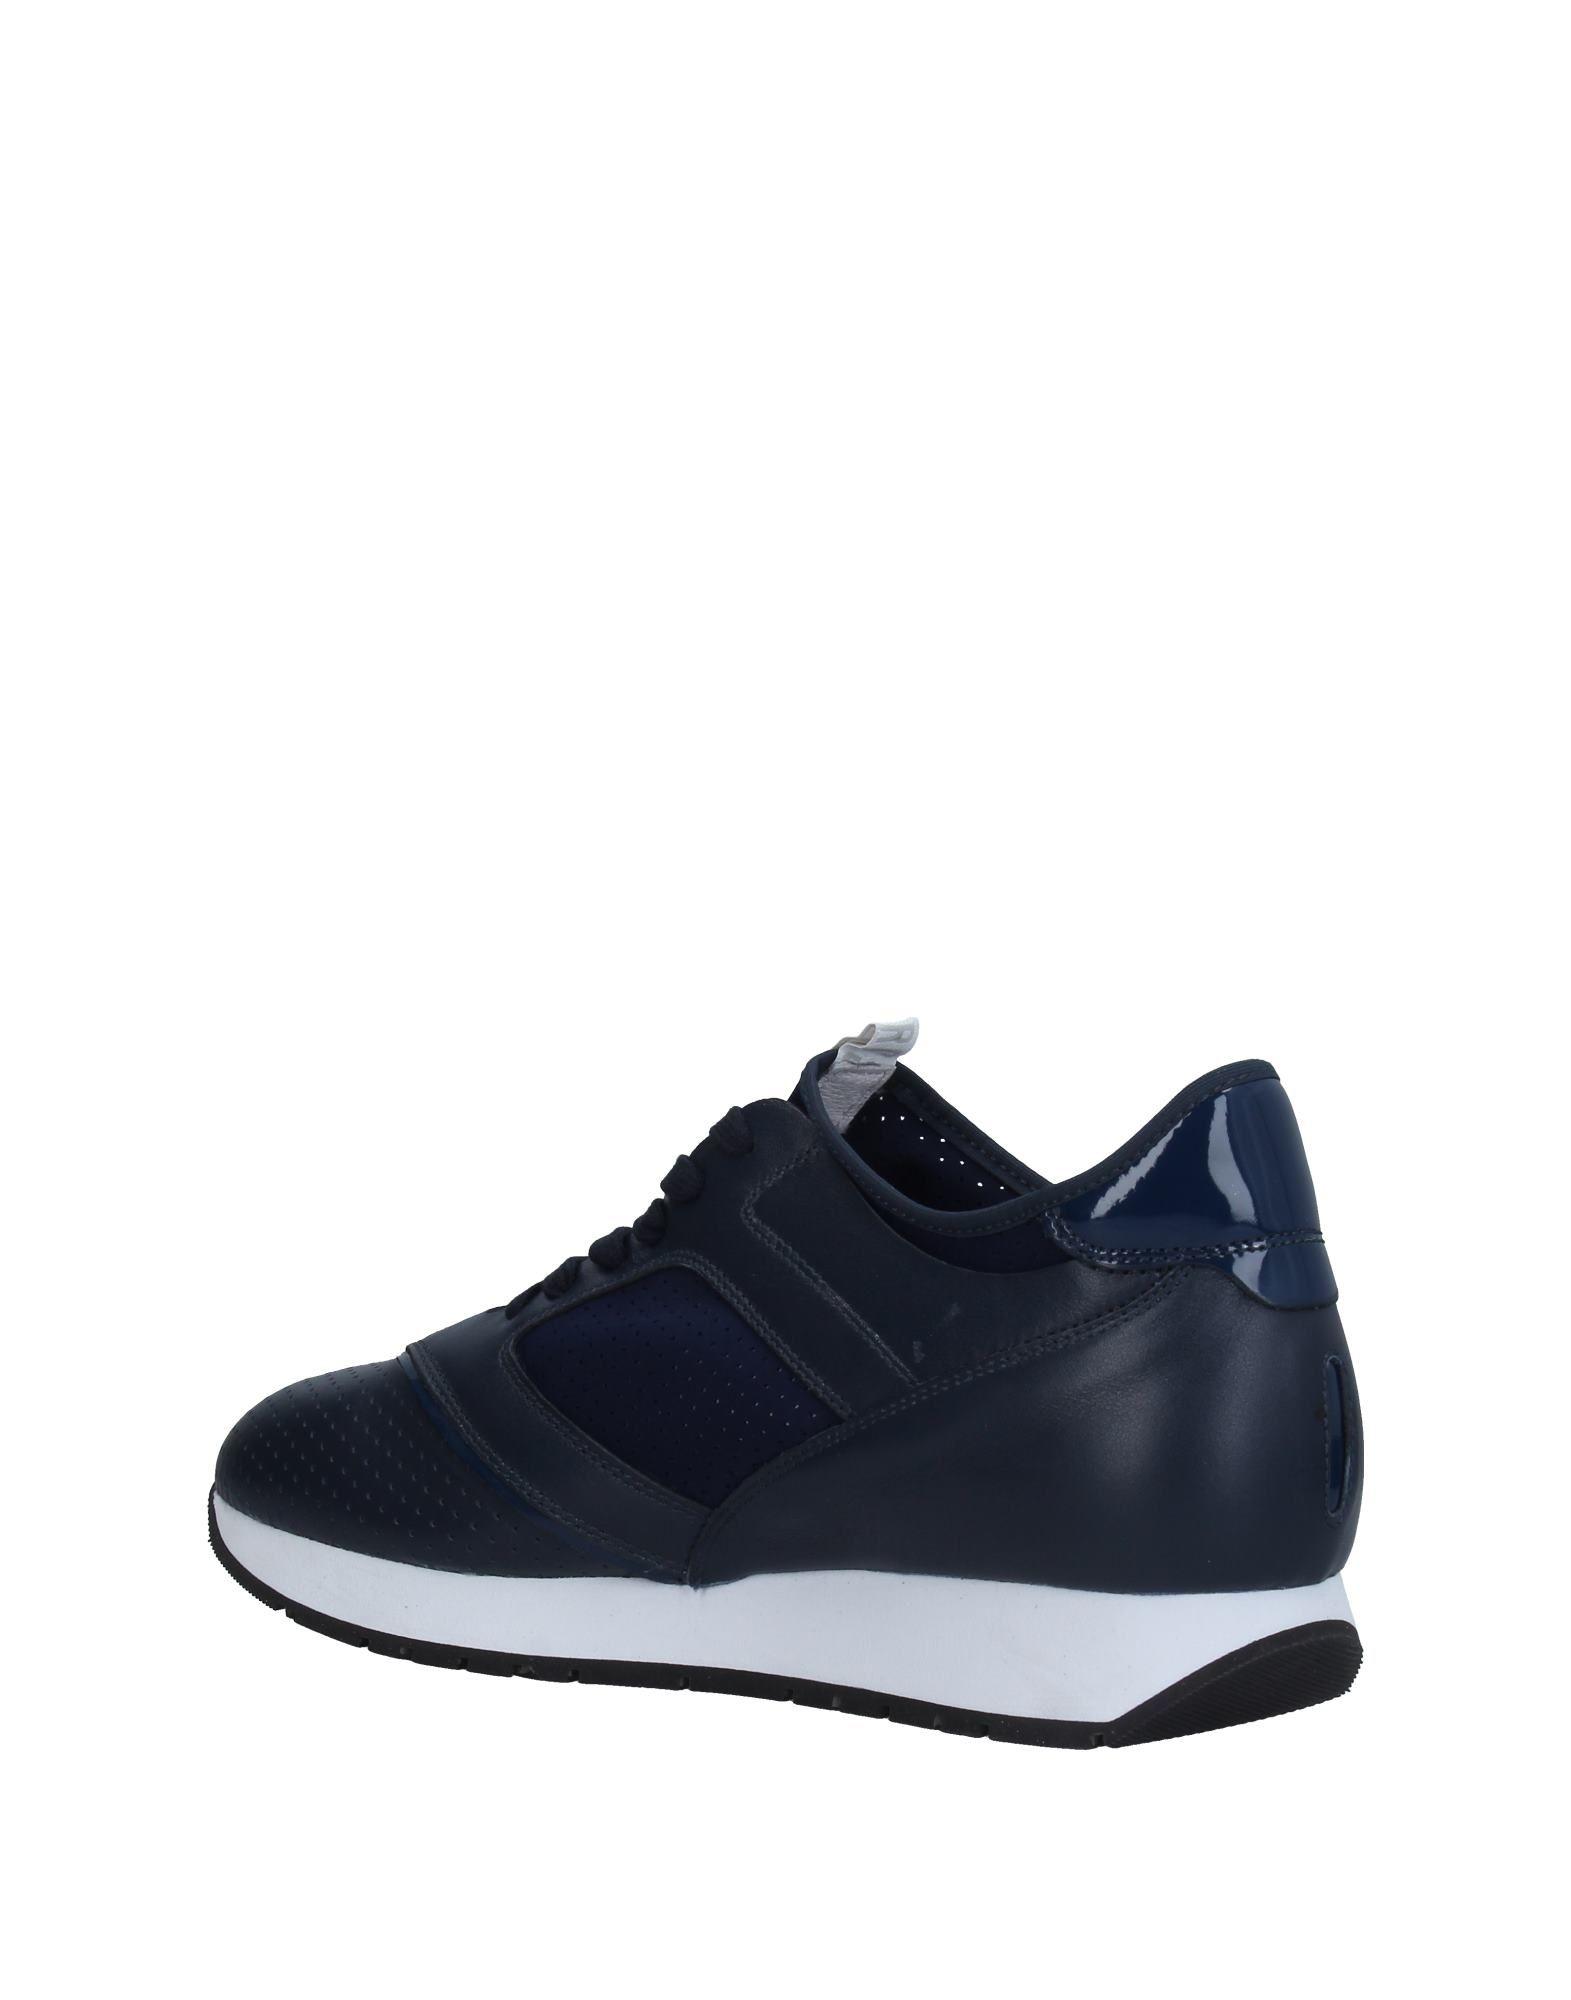 11326274AQ Bikkembergs Sneakers Herren  11326274AQ  5400aa